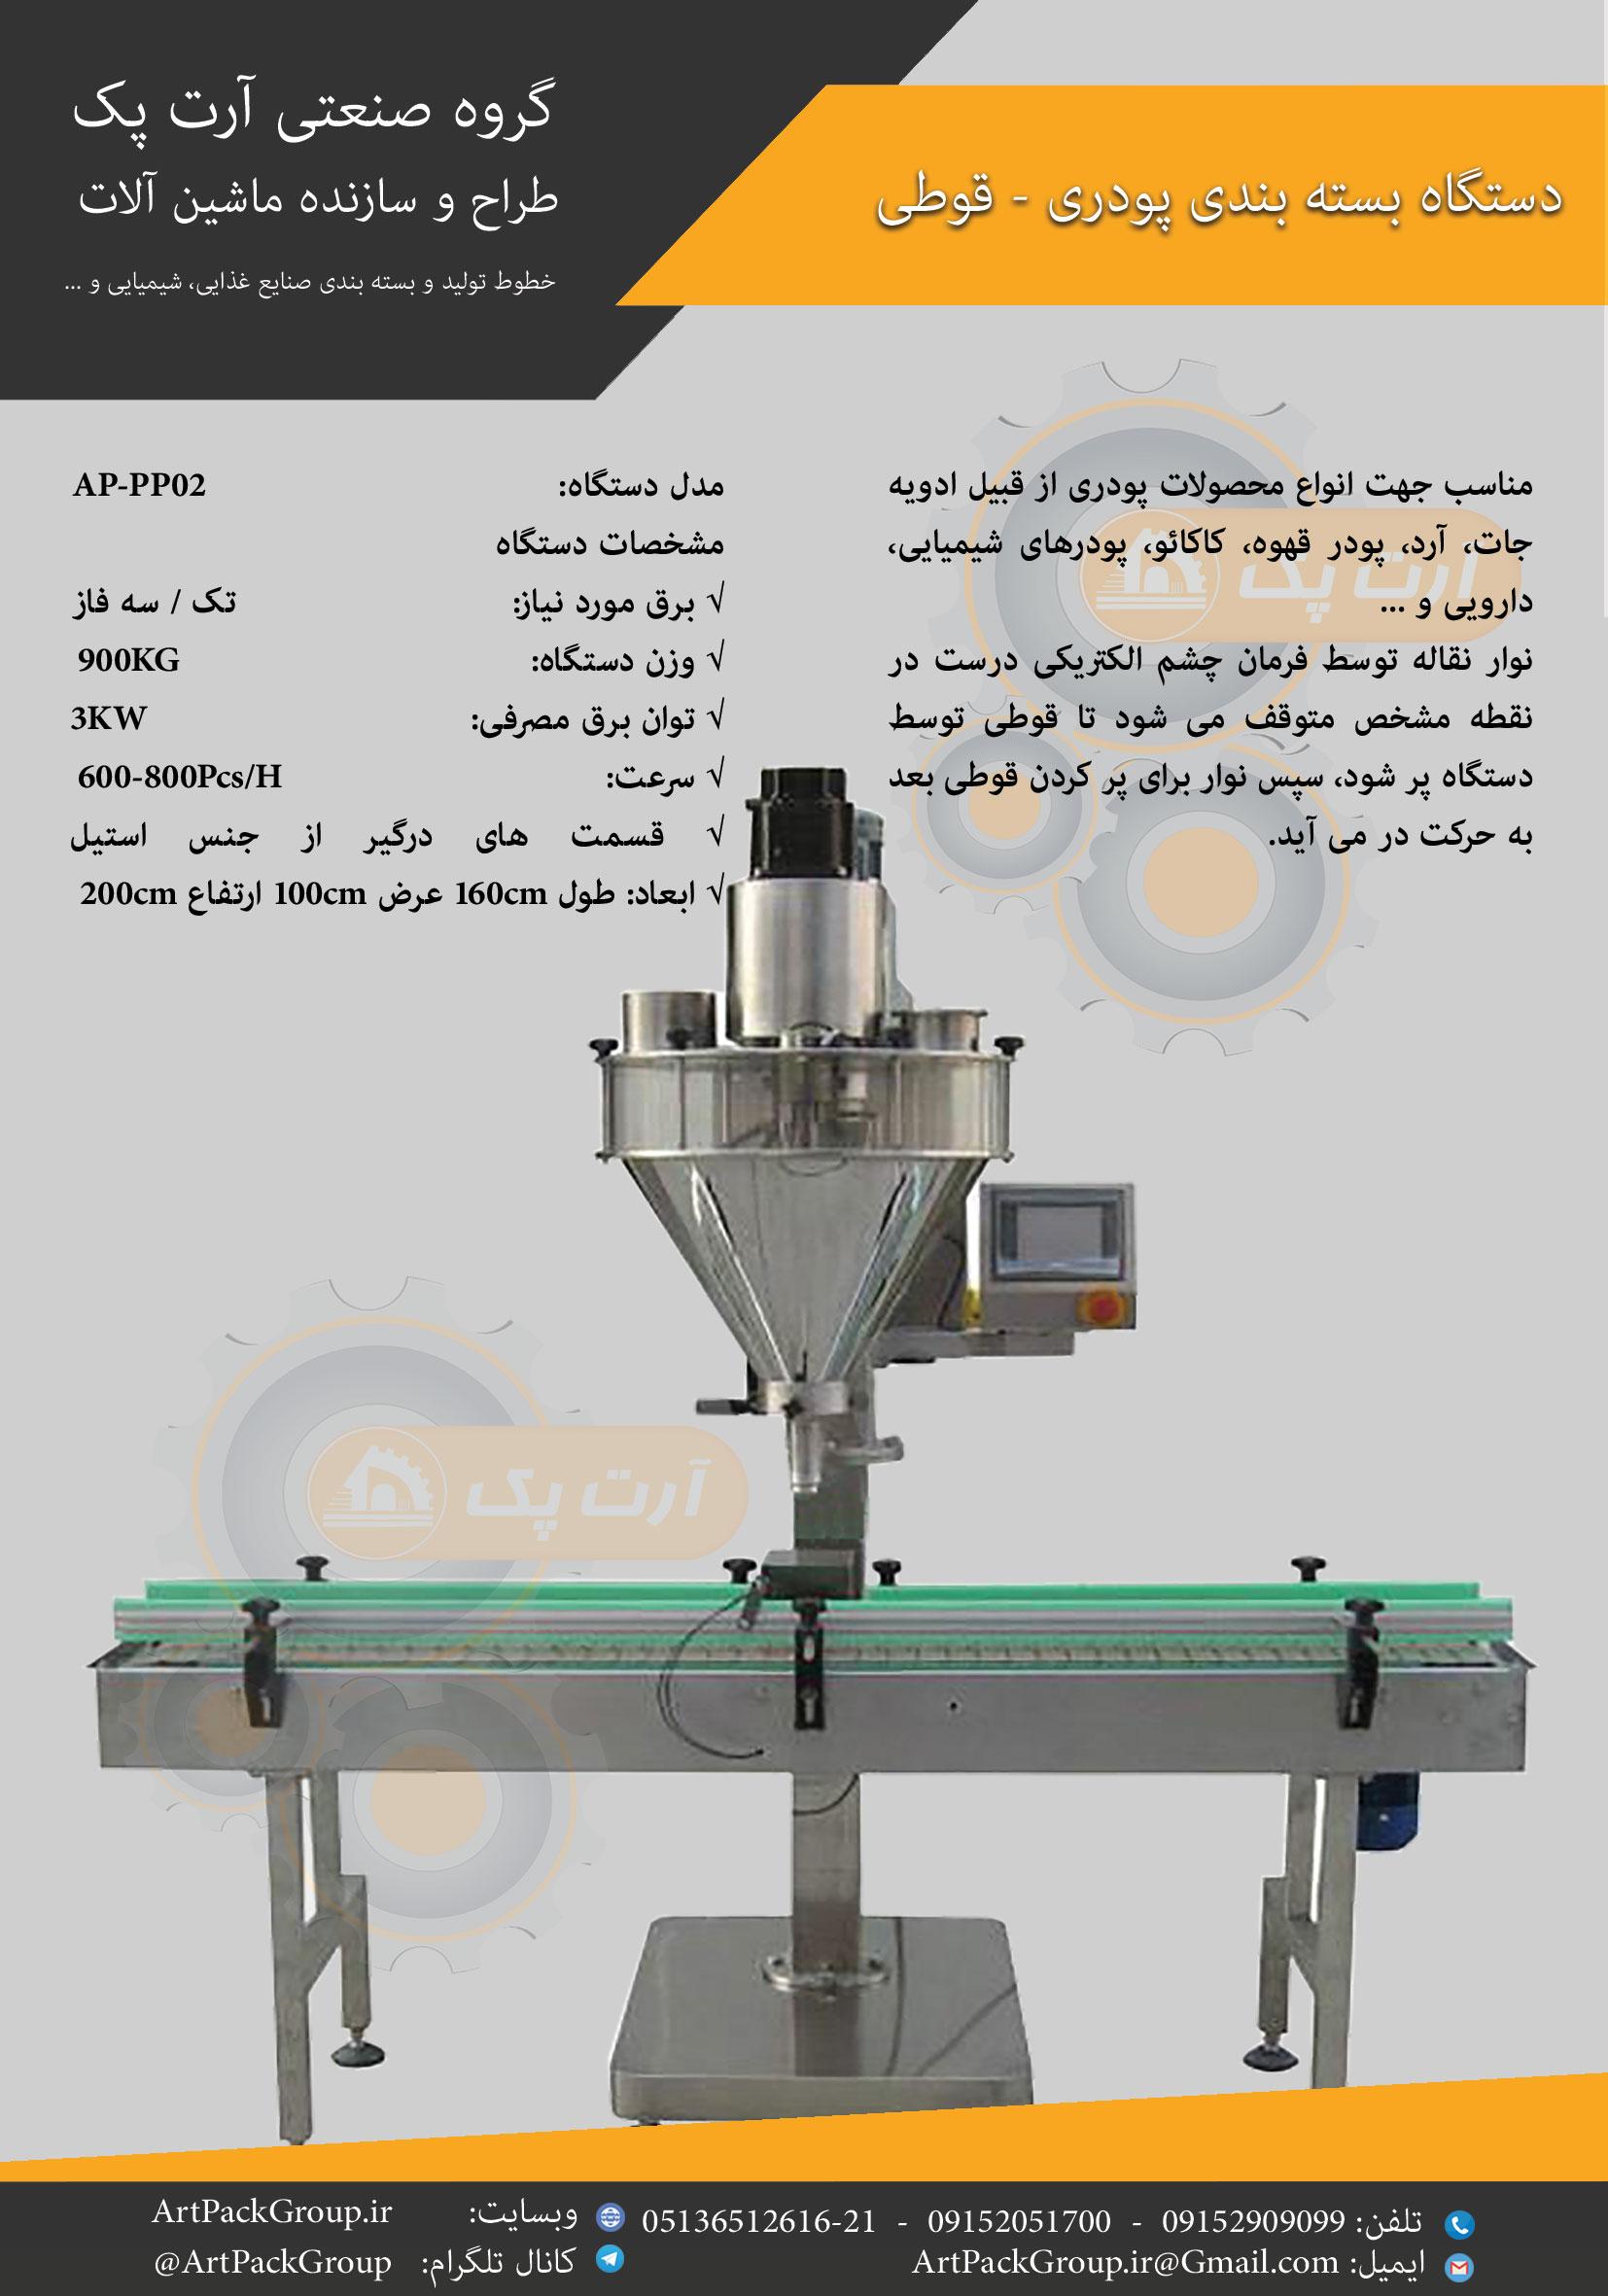 نمونه محصول دستگاه بسته بندی محصولات پودری درون قوطی